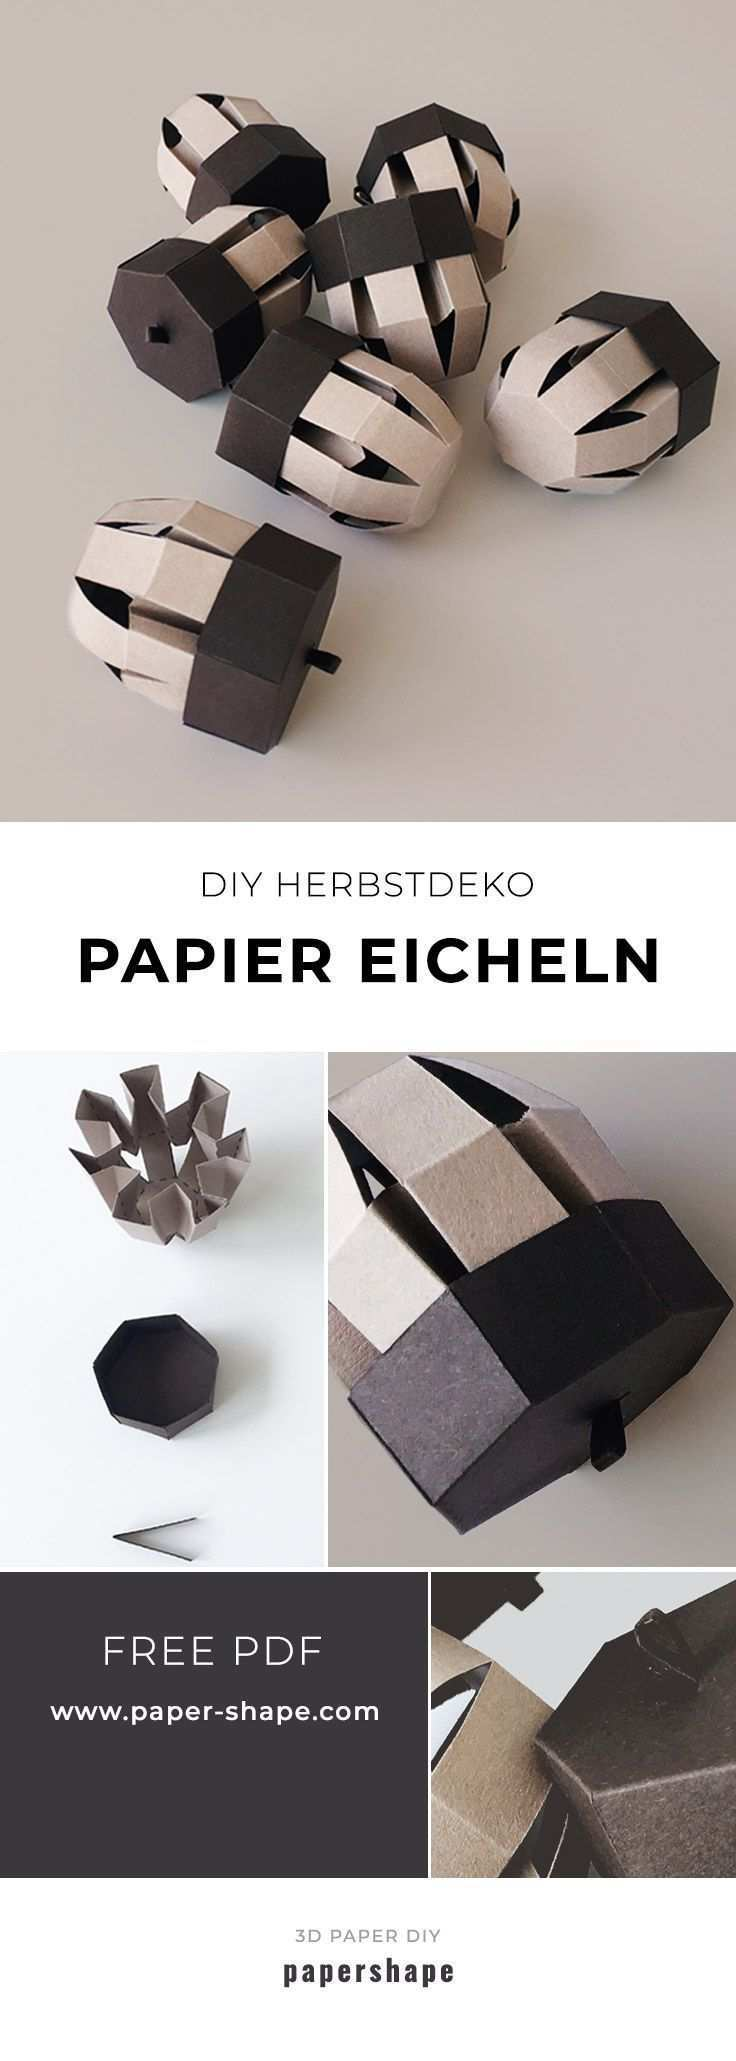 Diy Eicheln Basteln Mit Papier Kostenlose Vorlage Eicheln Basteln Mit Papier Kostenlose Vorlagen